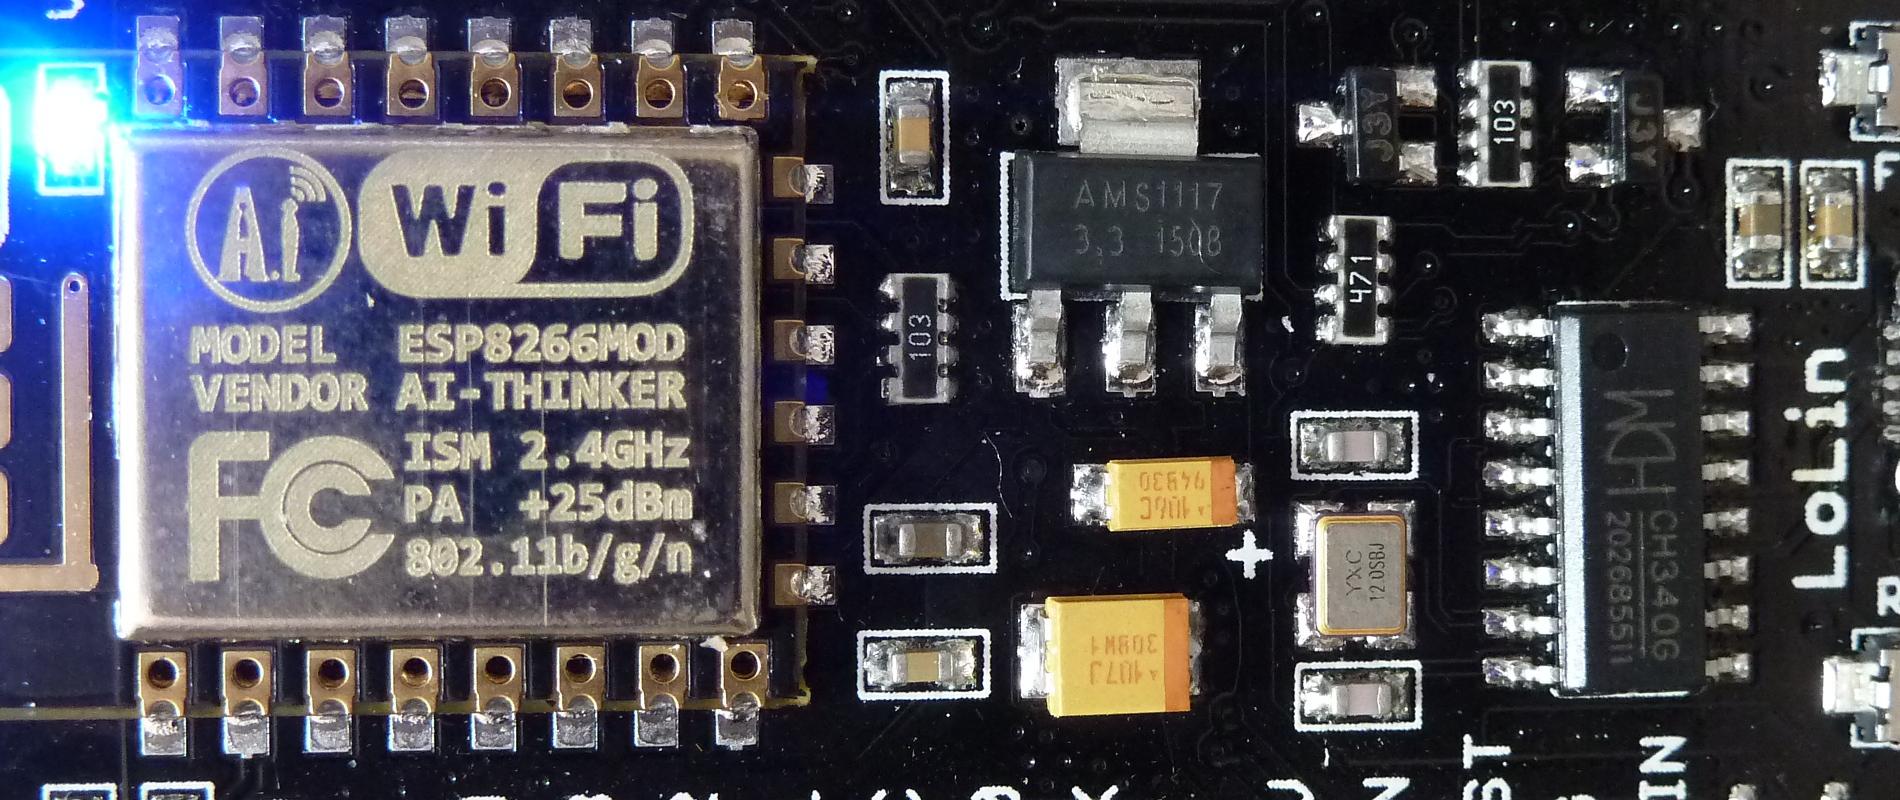 Mise en route d'une carte <em>WeMos-LoLin</em> avec le firmware NodeMCU et un module WiFi ESP8266